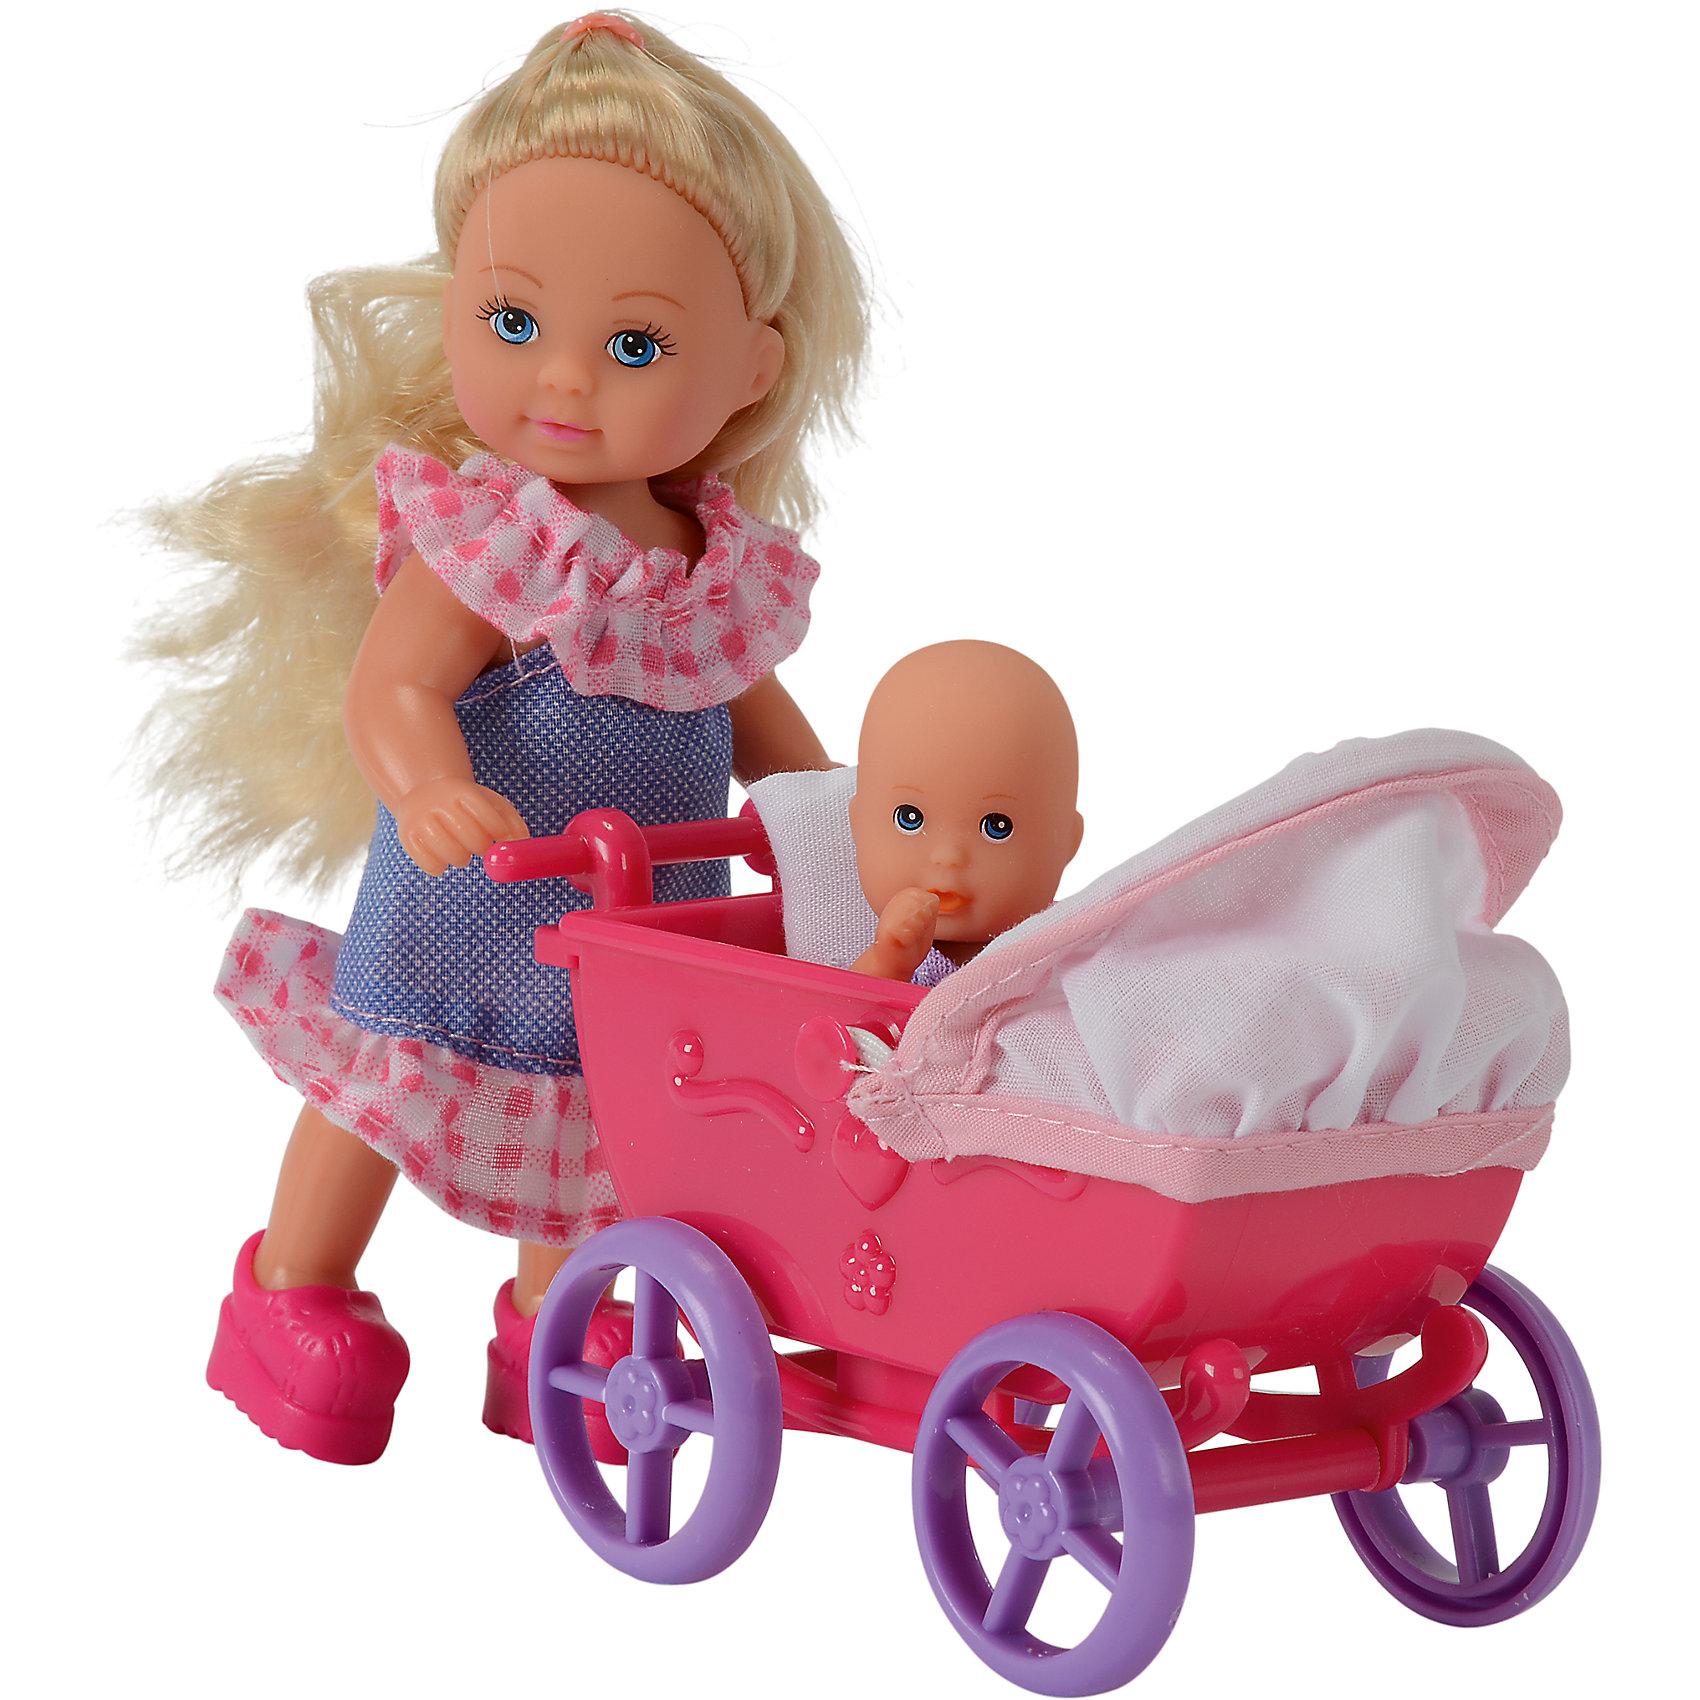 Кукла Еви с малышом на прогулке, SimbaХарактеристики товара:<br><br>- цвет: разноцветный;<br>- материал: пластик;<br>- возраст: от трех лет;<br>- комплектация: кукла, аксессуары, пупс;<br>- высота куклы: 12 см.<br><br>Эта симпатичная кукла Еви от известного бренда не оставит девочку равнодушной! Какая девочка сможет отказаться поиграть с куклами, которые дополнены набором в виде ребенка и предметов для него?! В набор входят аксессуары для игр с куклой. Игрушка очень качественно выполнена, поэтому она станет замечательным подарком ребенку. <br>Продается набор в красивой удобной упаковке. Изделие произведено из высококачественного материала, безопасного для детей.<br><br>Куклу Еви с малышом на прогулке с акс от бренда Simba можно купить в нашем интернет-магазине.<br><br>Ширина мм: 220<br>Глубина мм: 60<br>Высота мм: 160<br>Вес г: 158<br>Возраст от месяцев: 48<br>Возраст до месяцев: 144<br>Пол: Женский<br>Возраст: Детский<br>SKU: 1841901